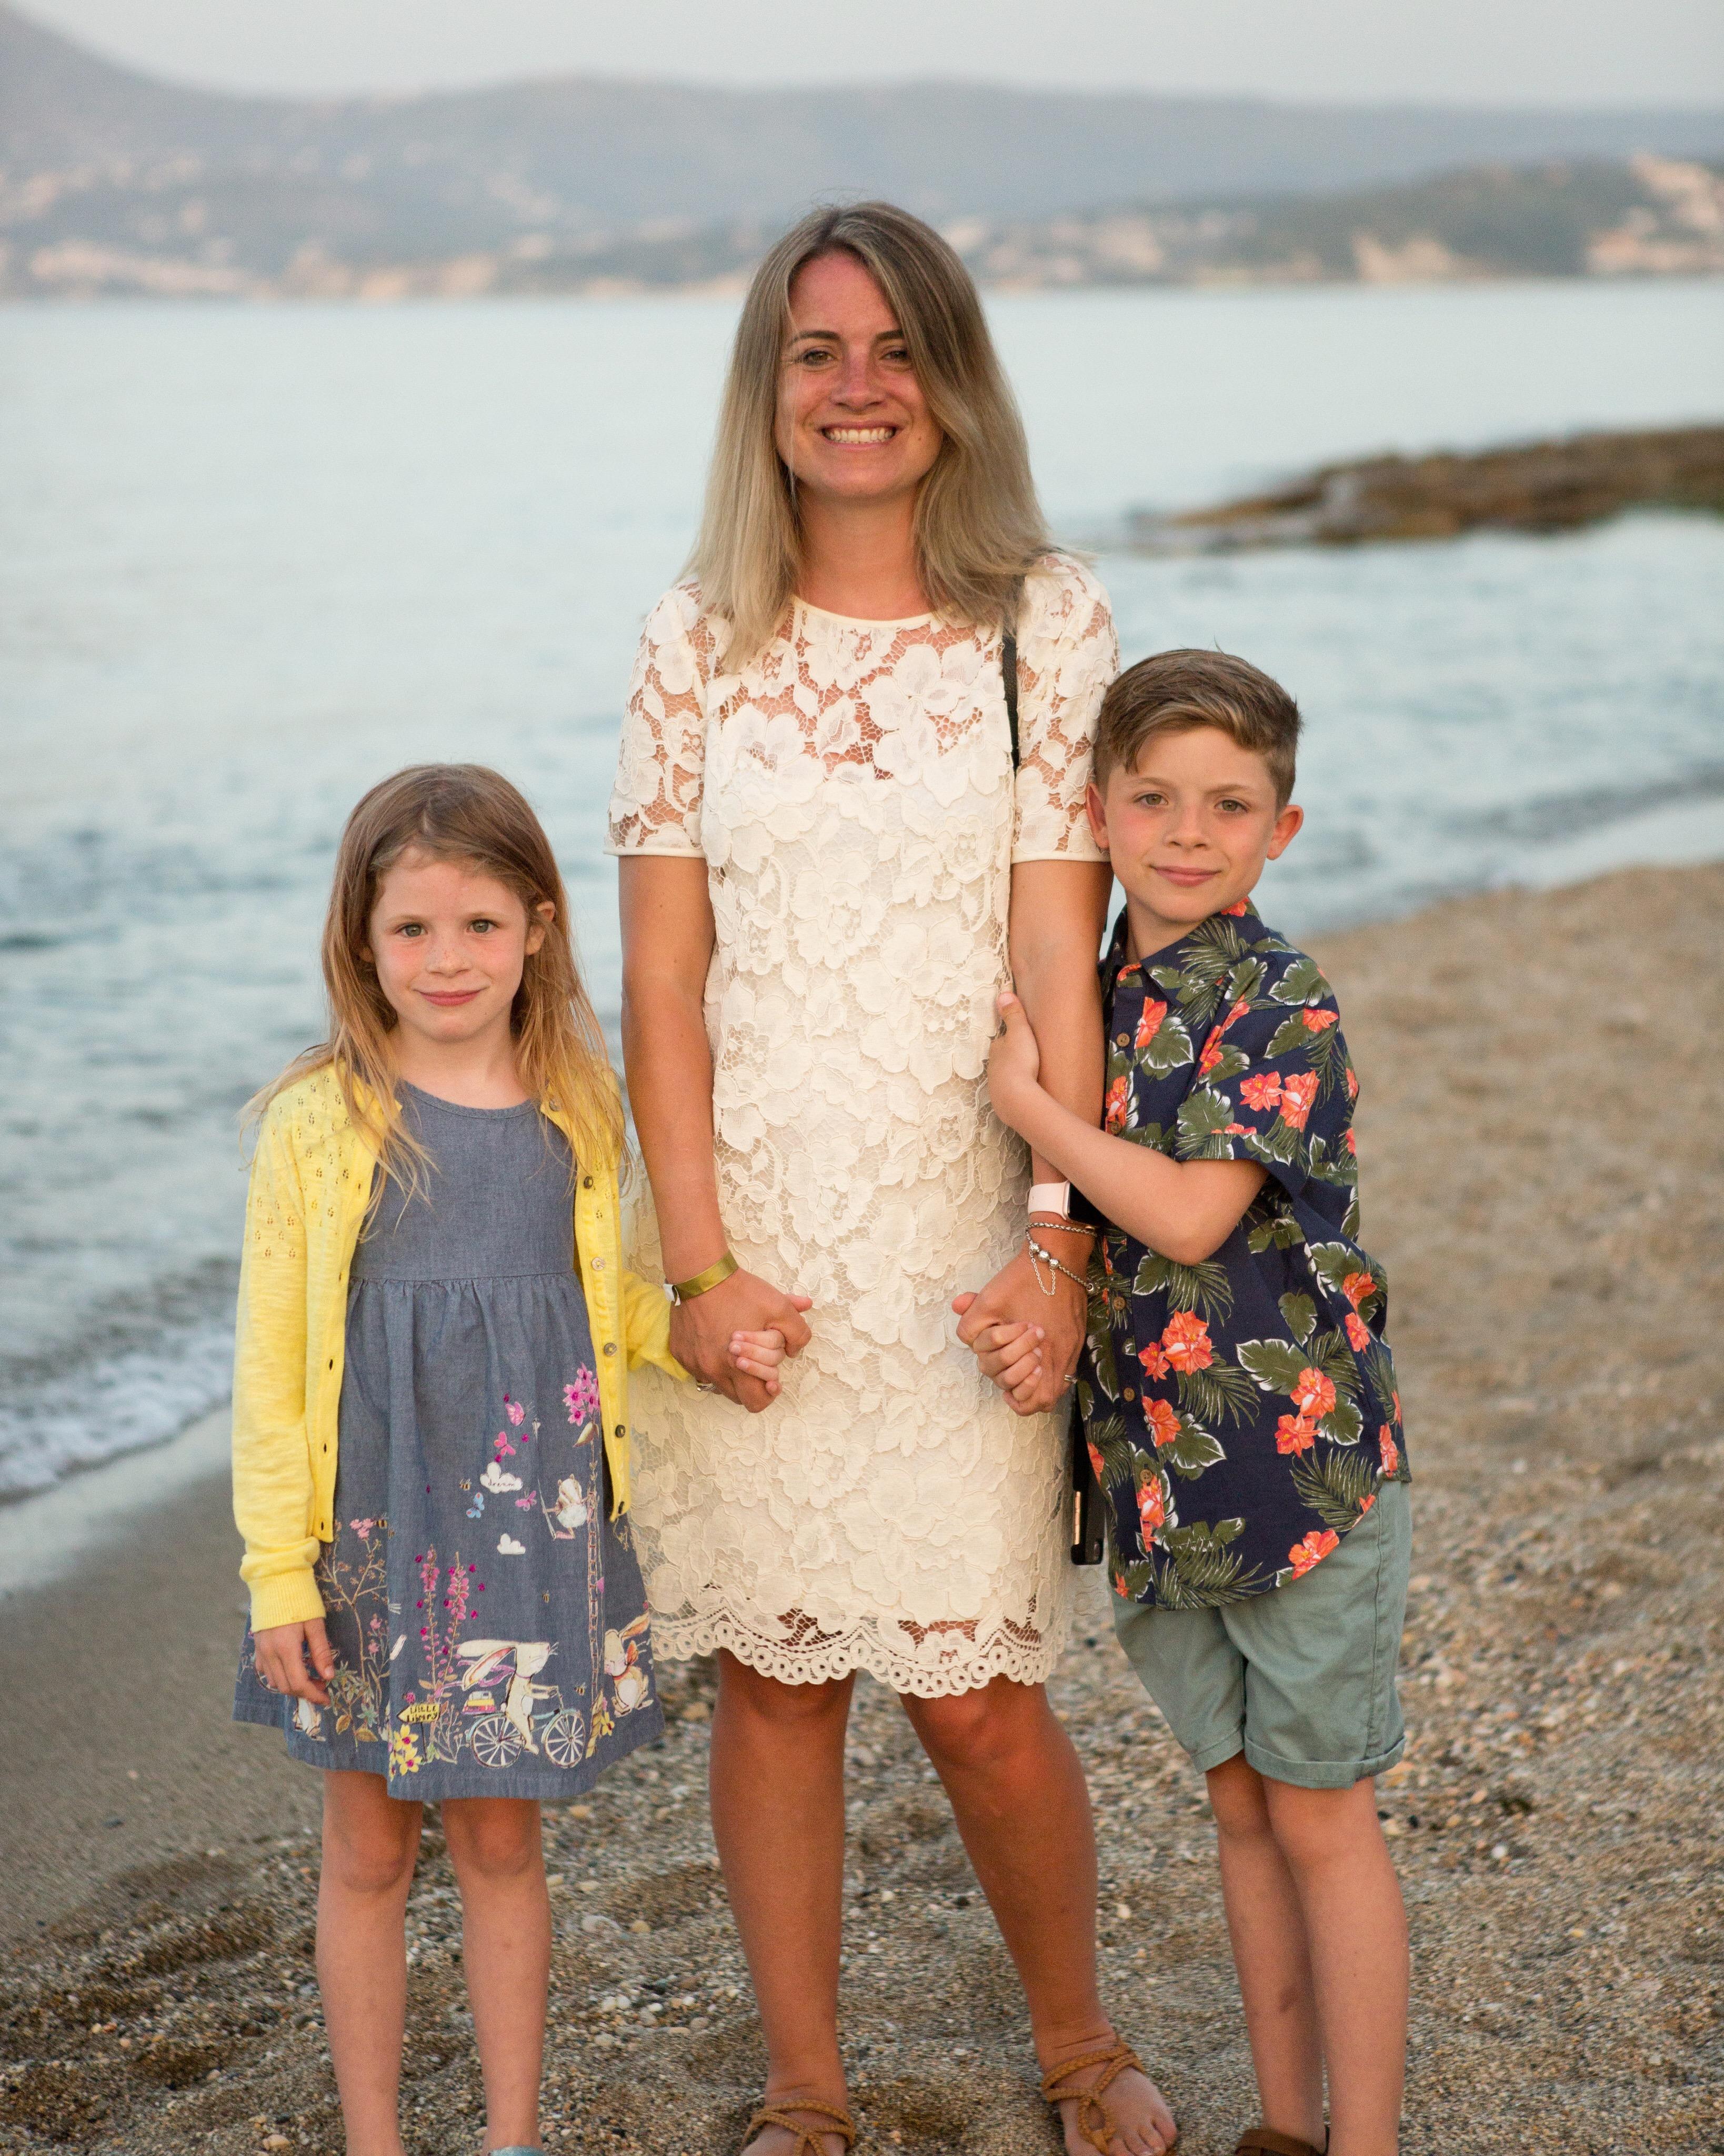 Mum and kids on the beach